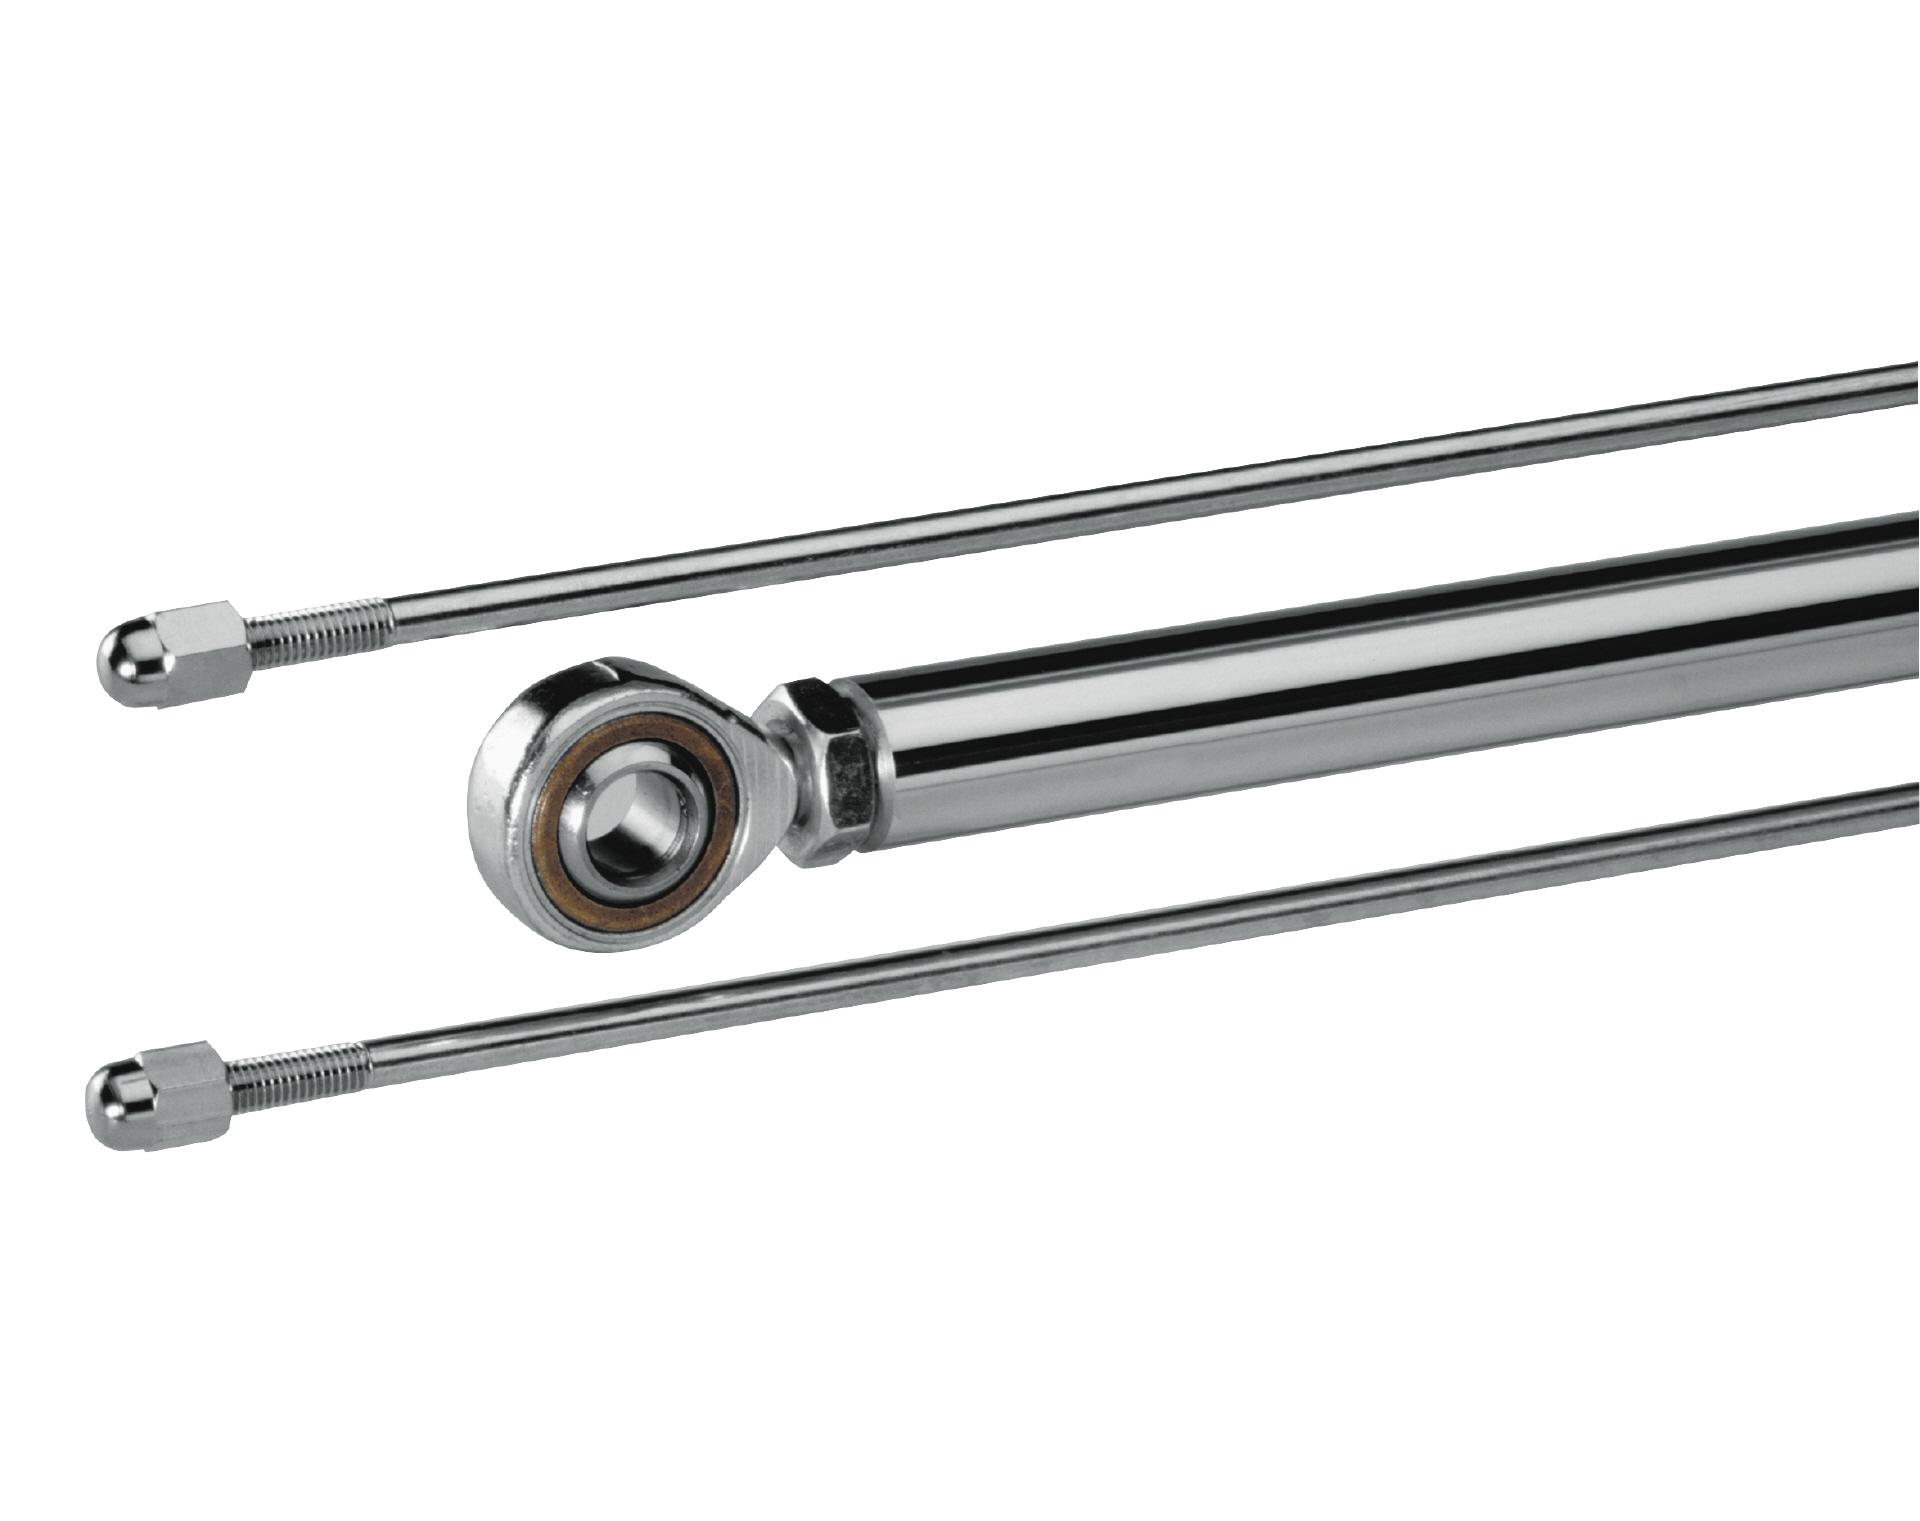 20 mm Kolben aus Stahl mit Kugelaufnahme